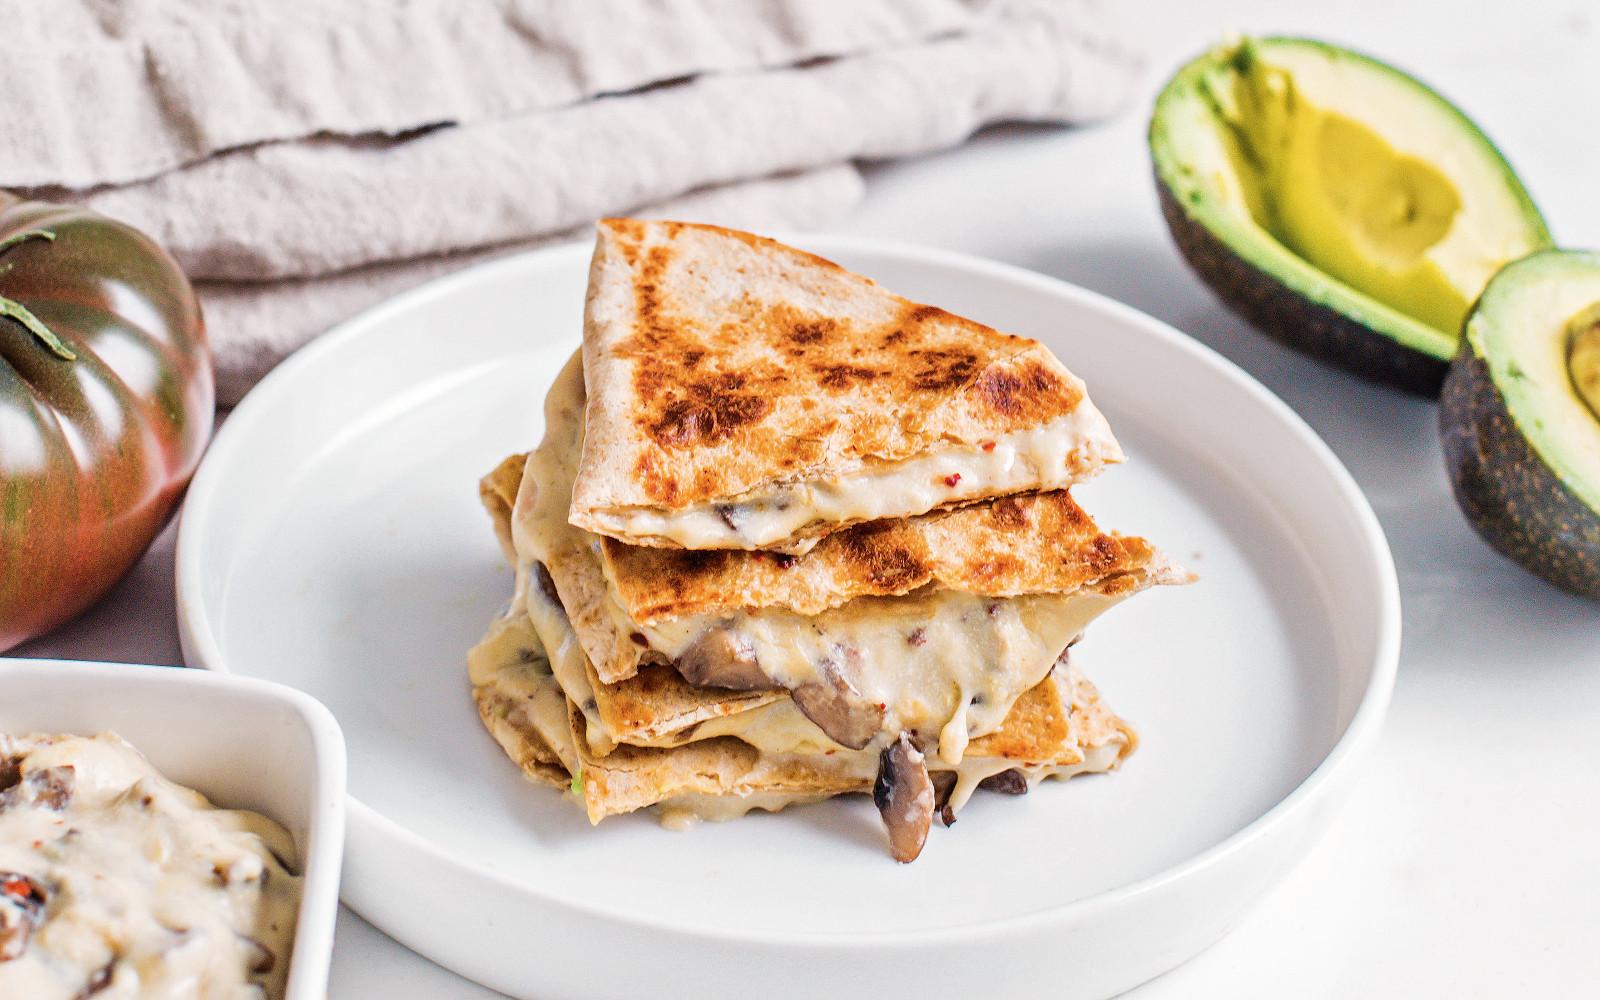 Vegan gooey mushroom quesadillas